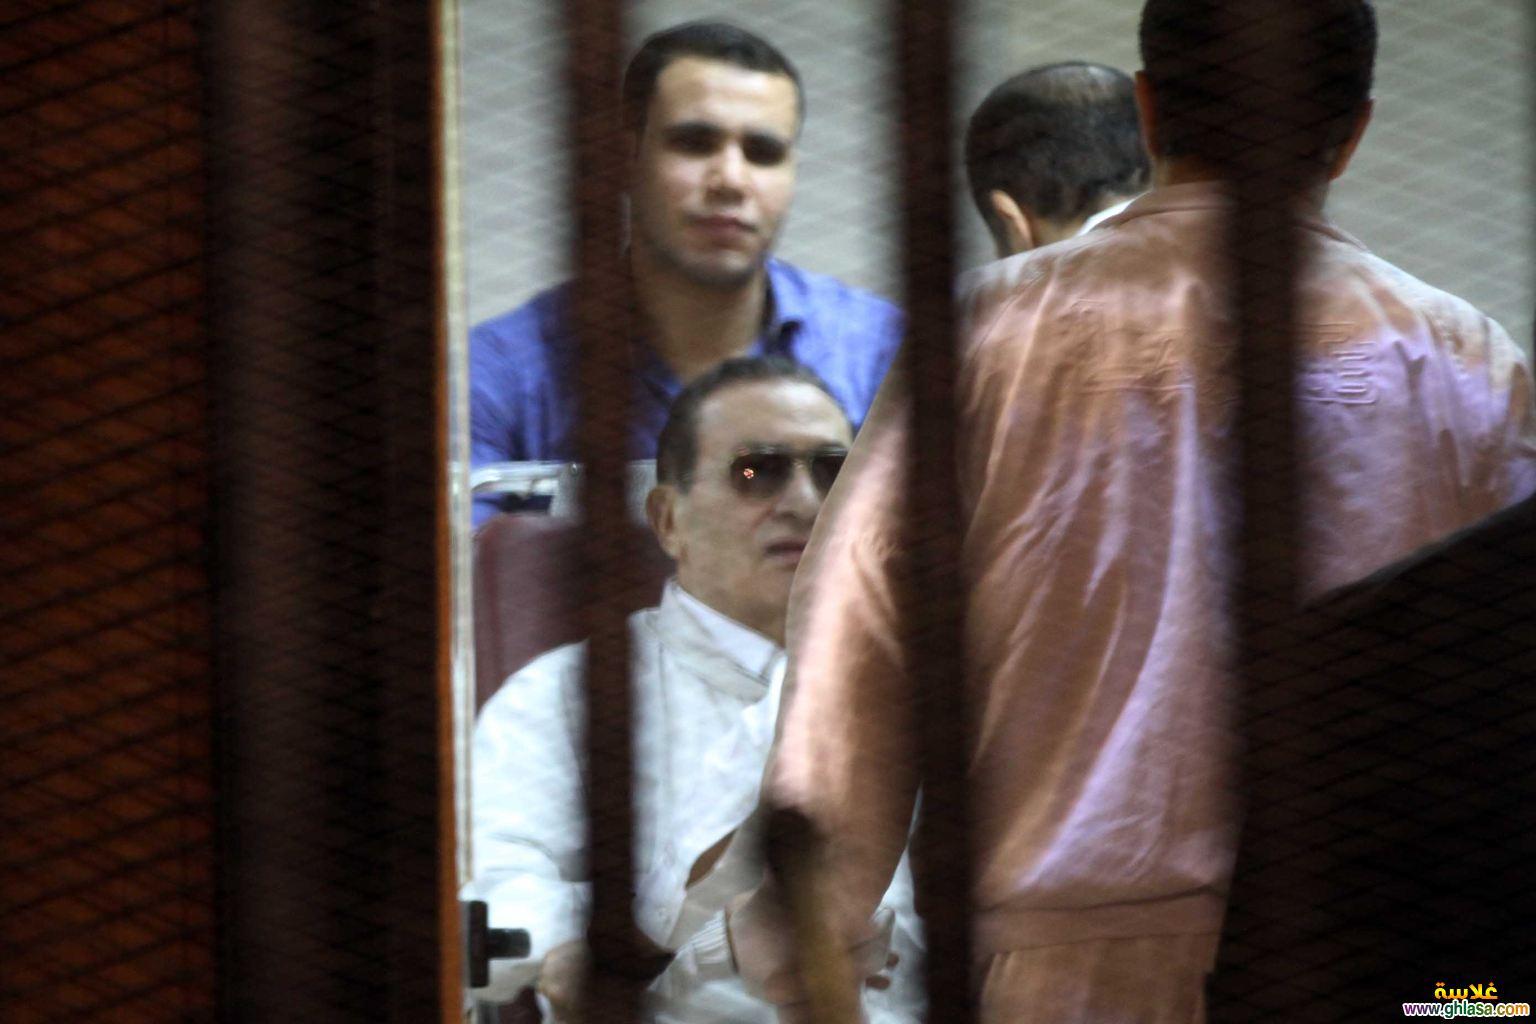 اول صور  مبارك خارج السجن 2018 ghlasa1377487719582.jpg